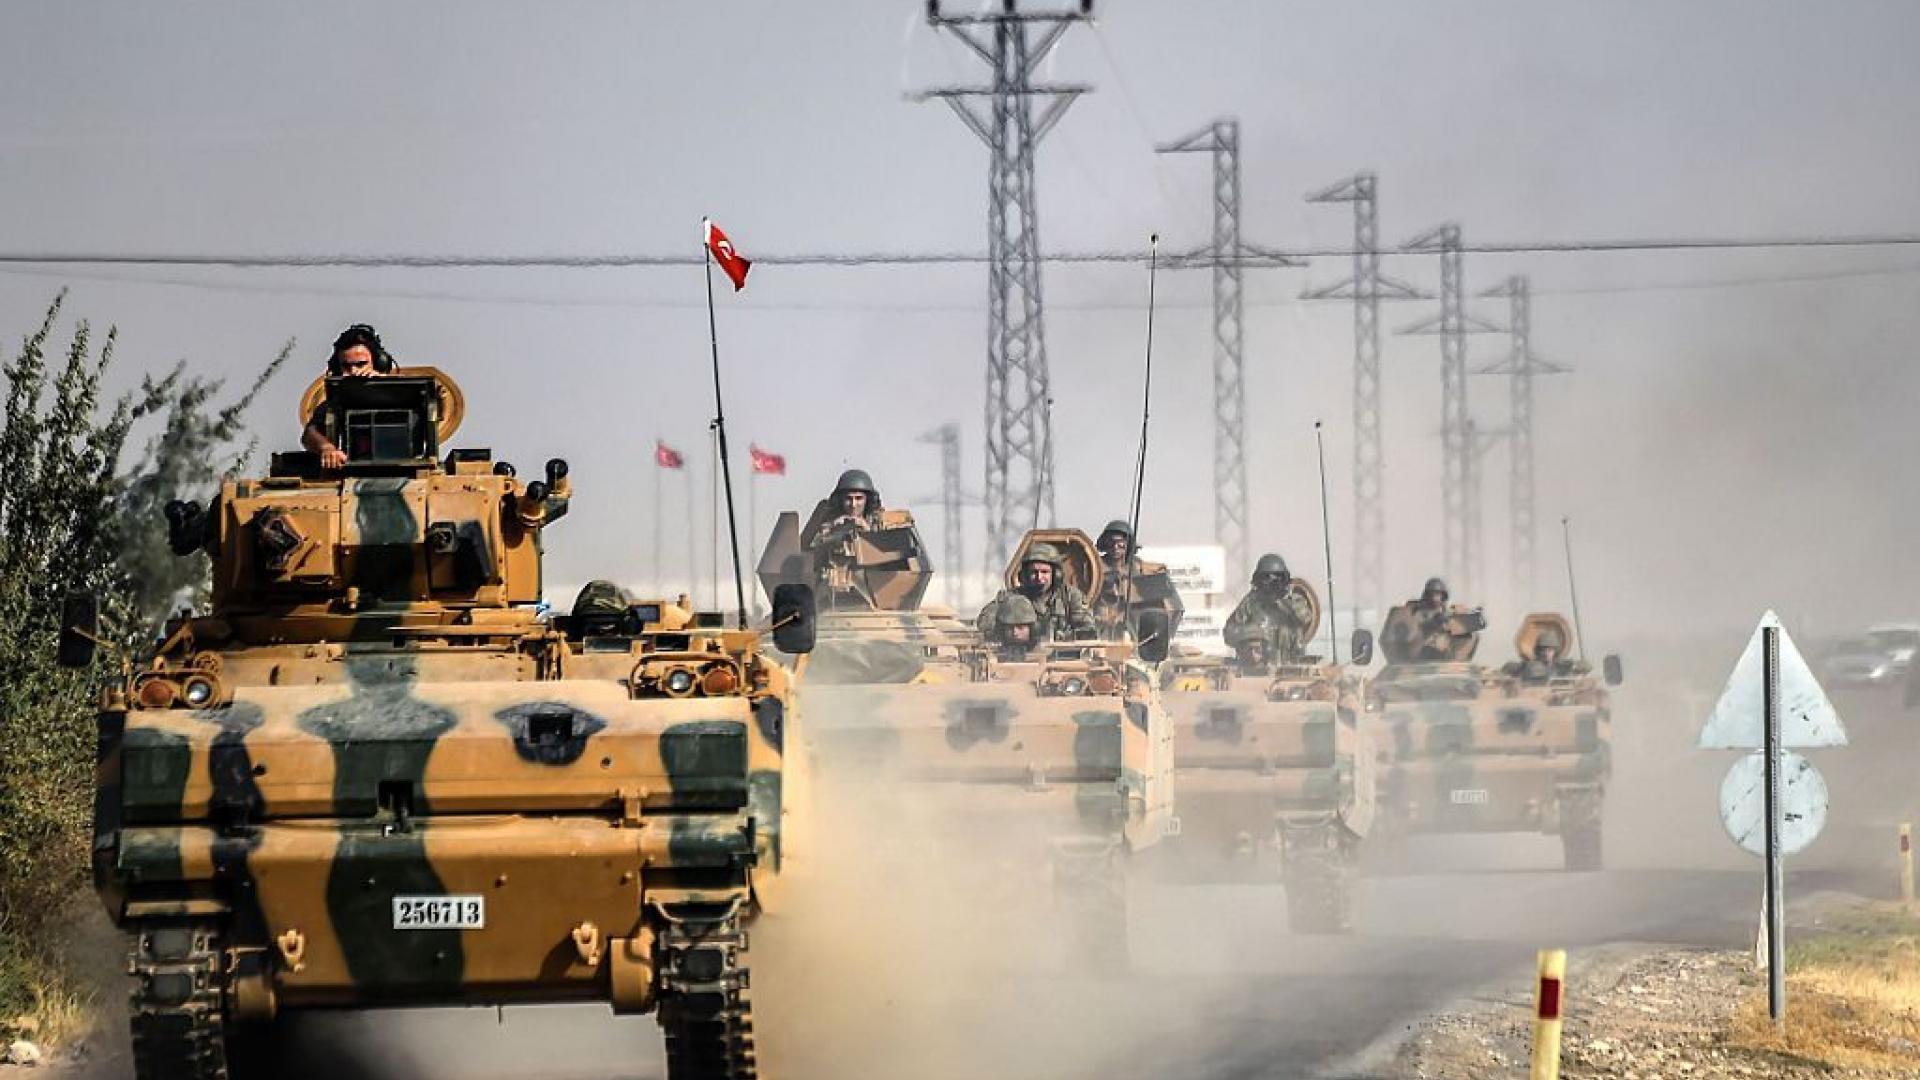 تضم وحدات كوماندوز.. الجيش التركي يحرك تعزيزات عسكرية إلى حدود سوريا